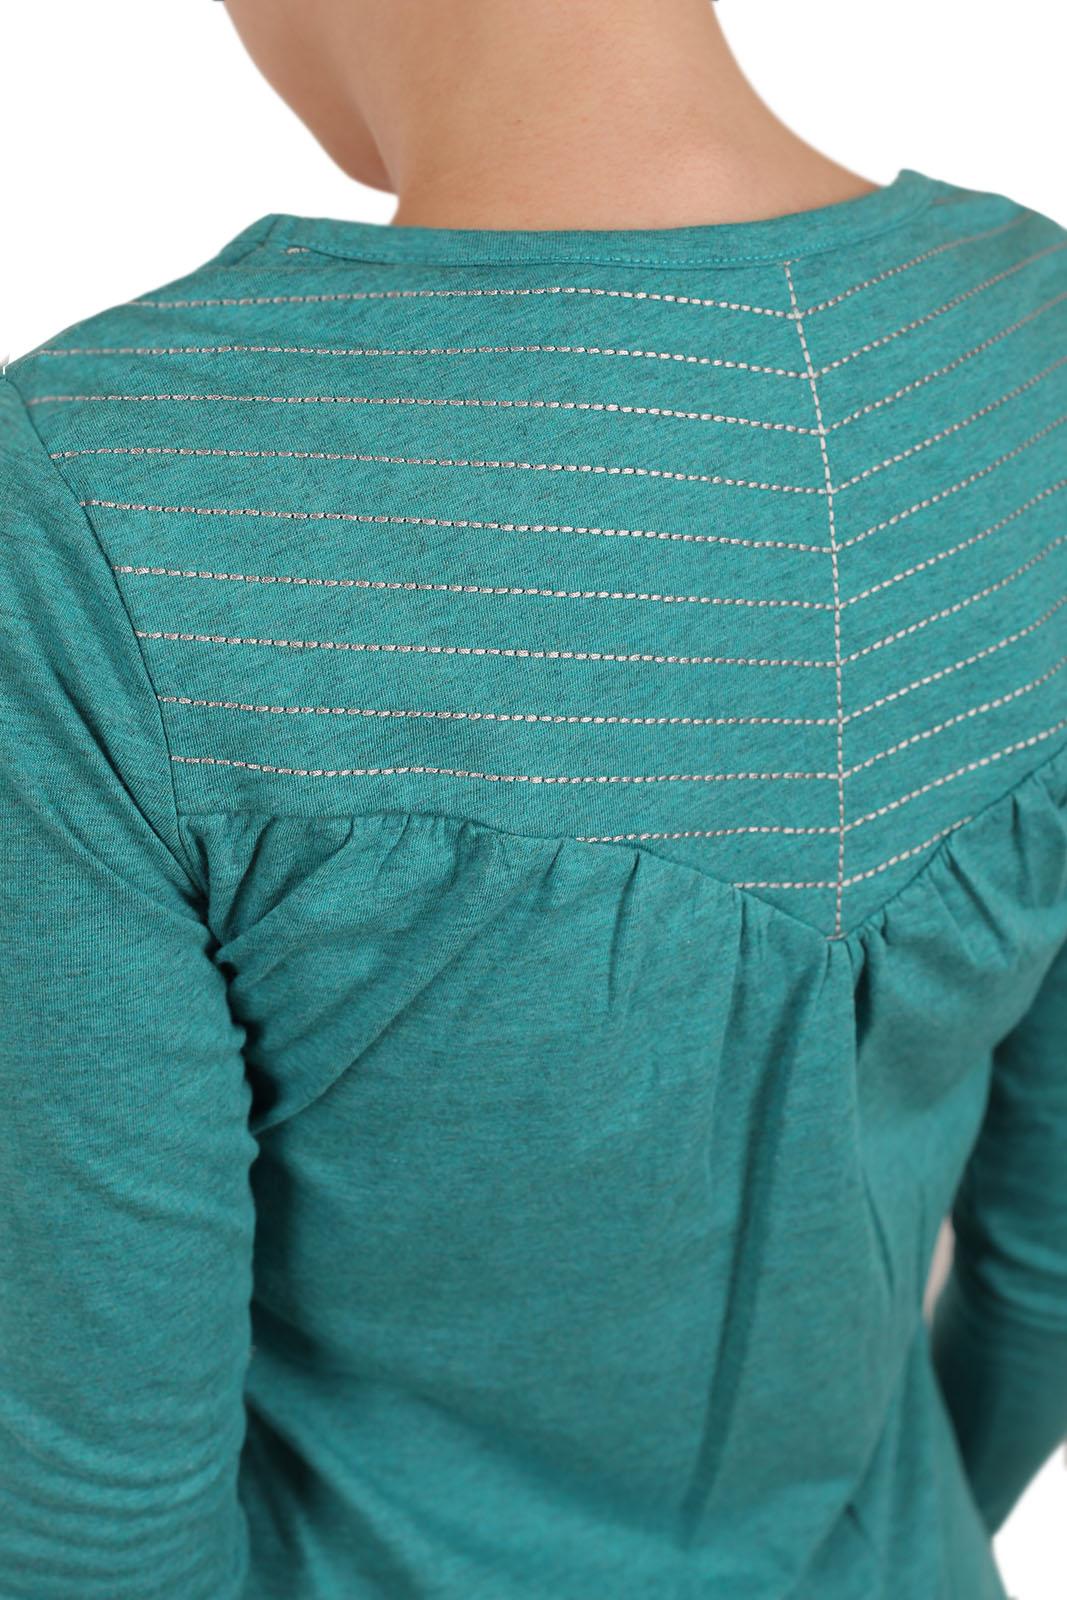 Гармоничная женская кофточка от ТМ Panhandle. Этот фасон особенно эффектно смотрится с джинсами! Нет подходящих? В нашем каталоге десятки моделей!